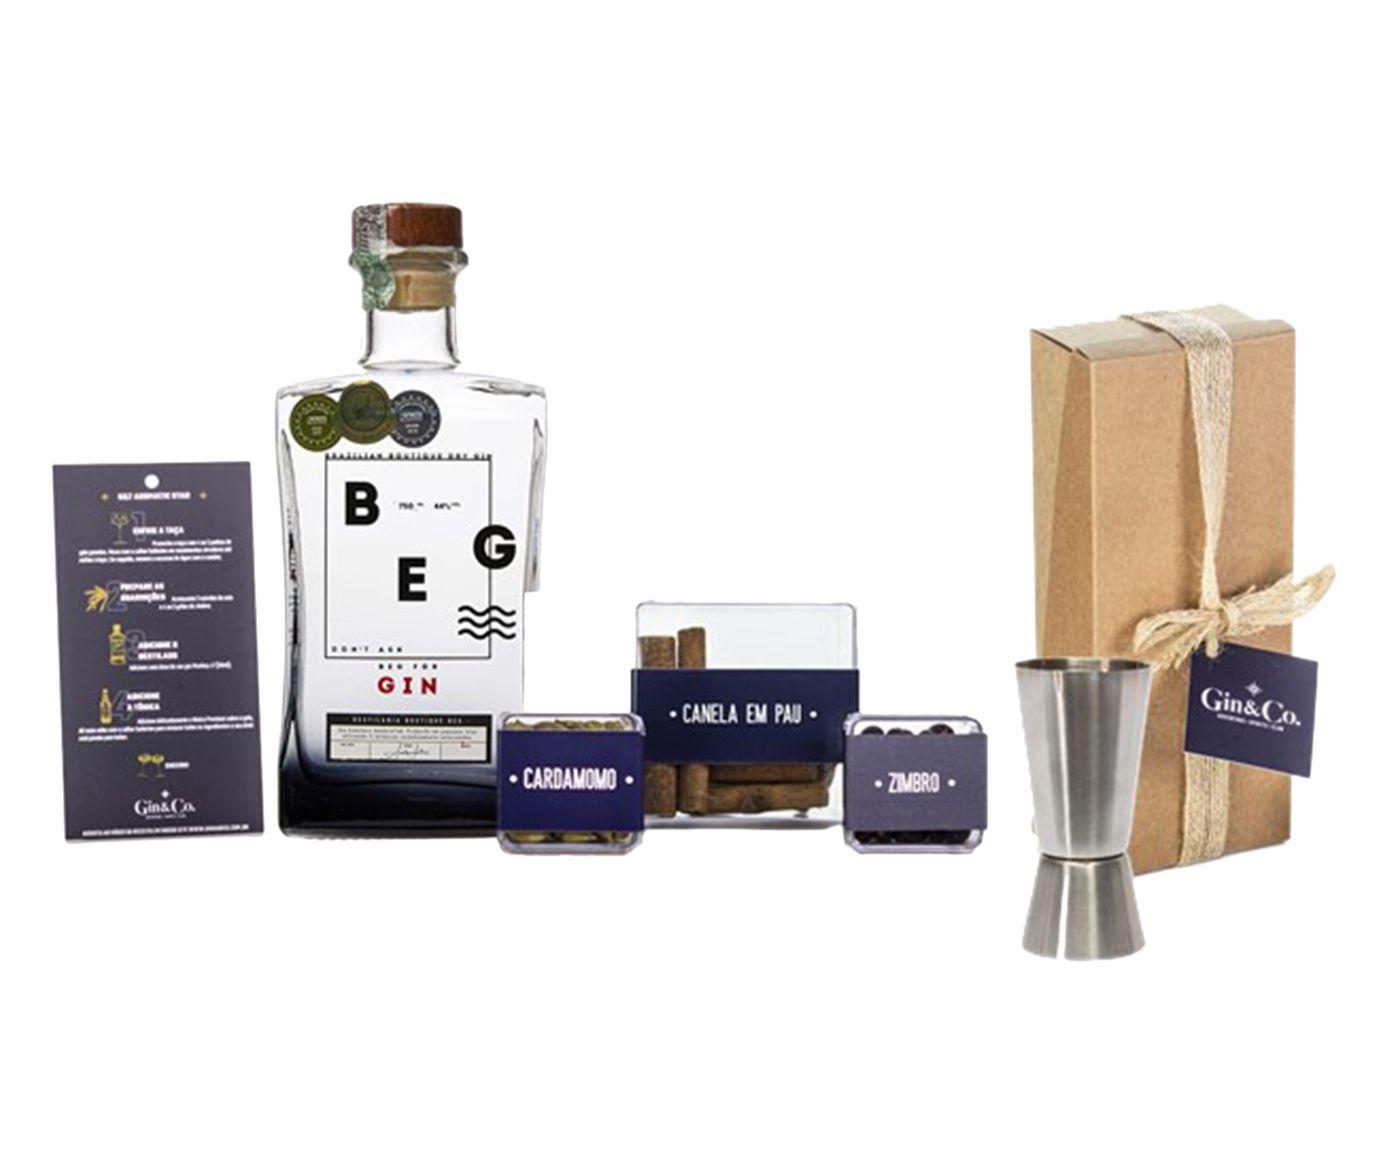 Jogo para Preparo em Inox de Gin Beg | Westwing.com.br